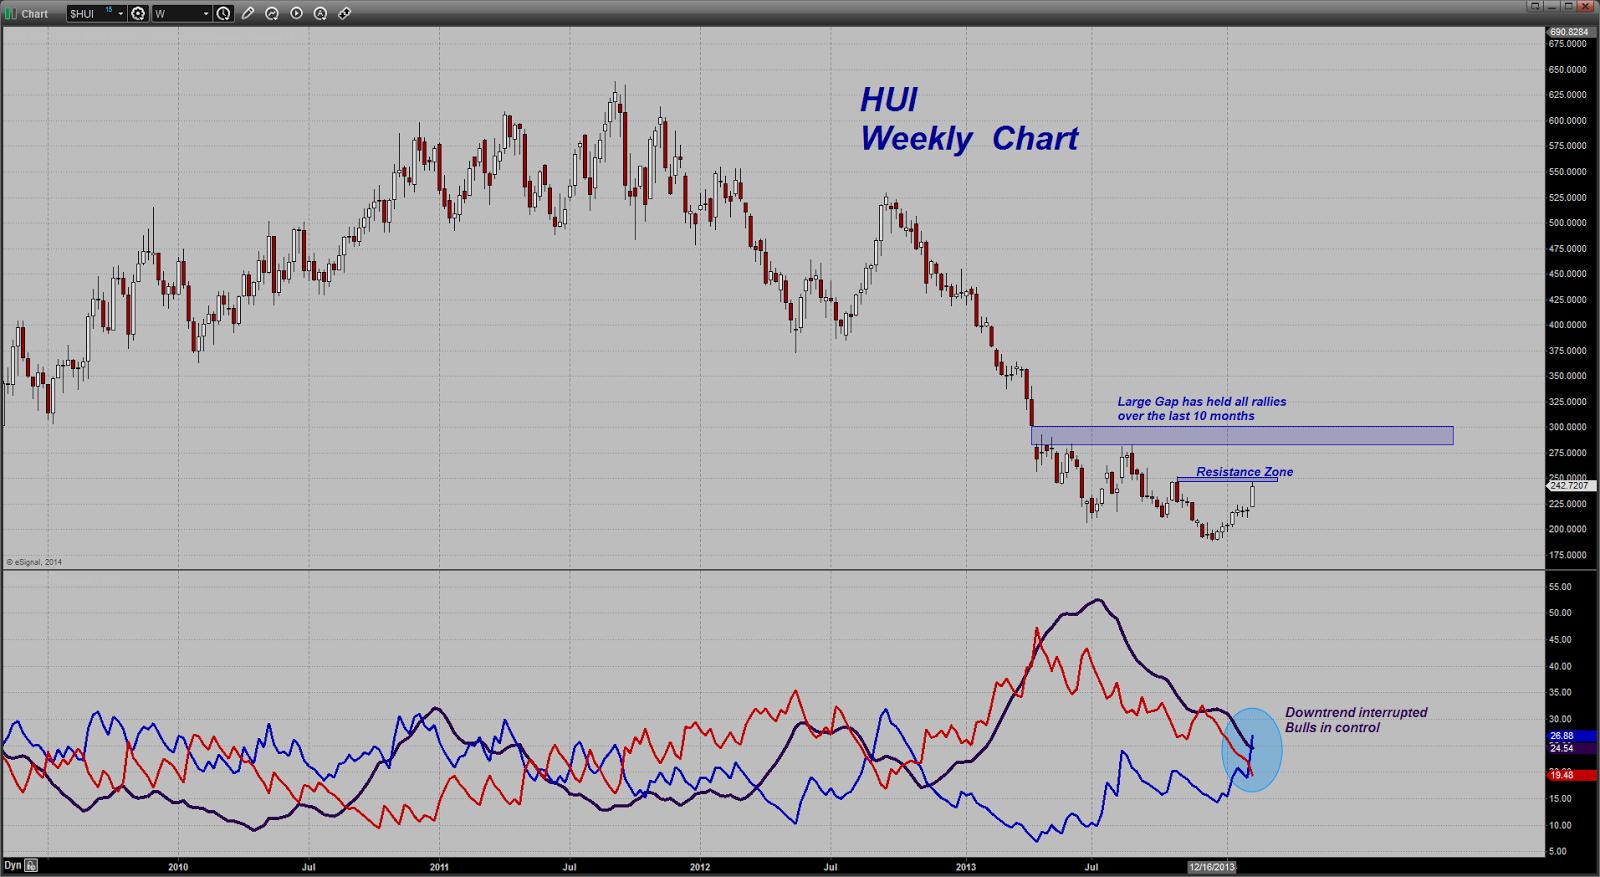 prix de l'or, de l'argent et des minières / suivi quotidien en clôture - Page 10 Chart20140214124753